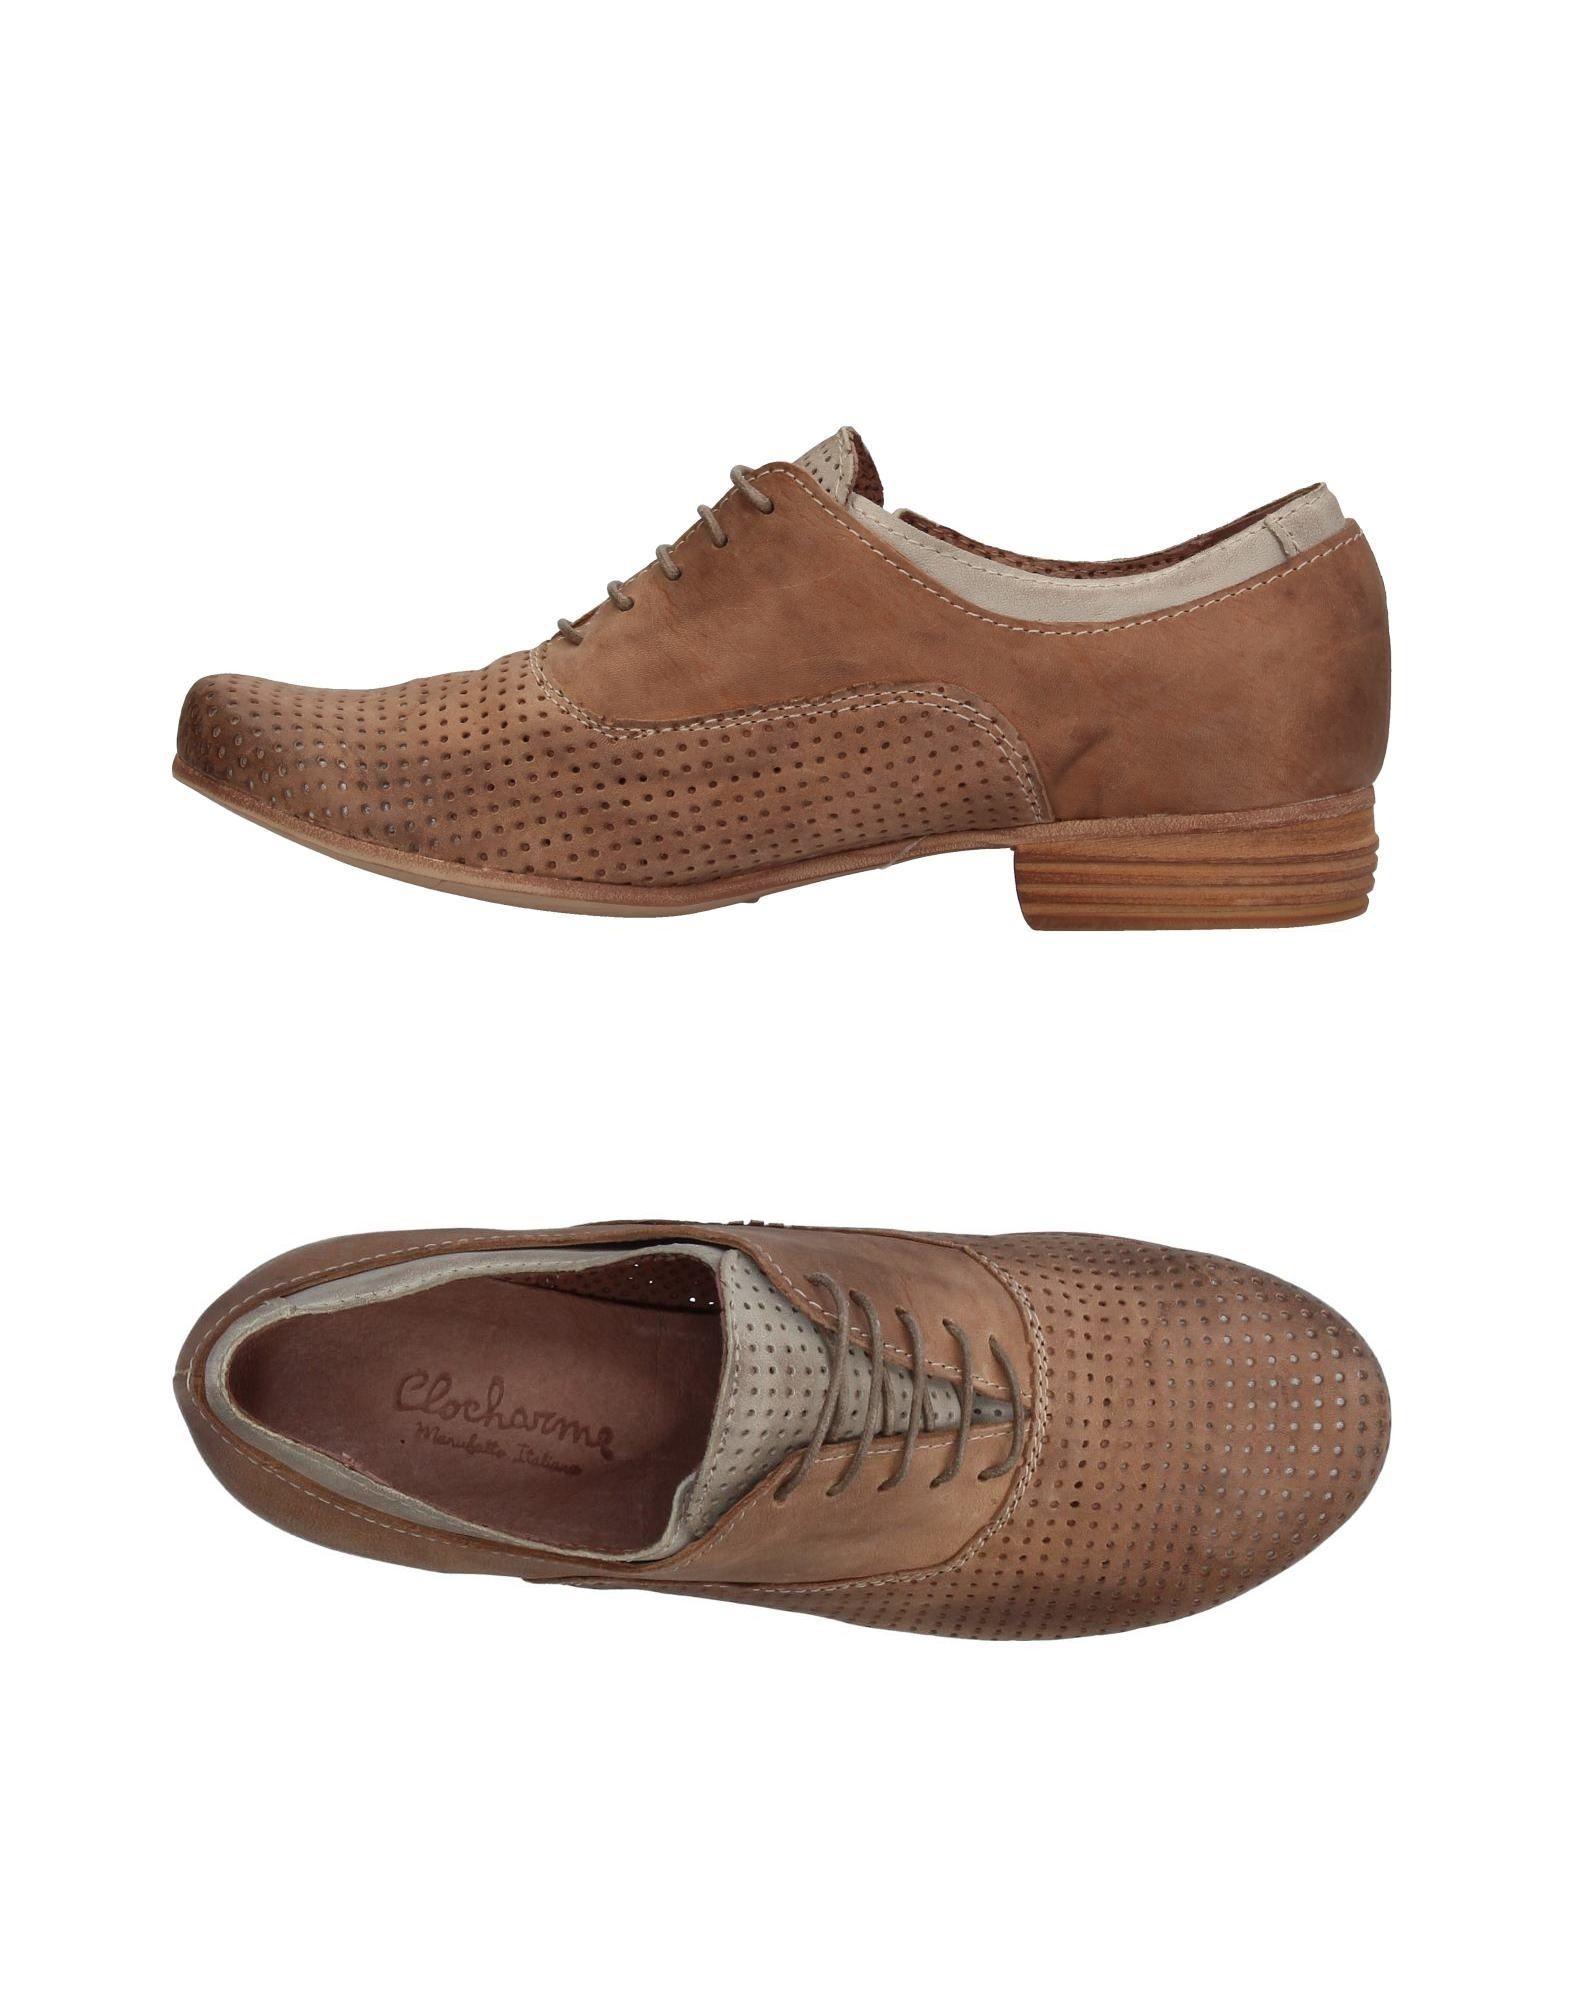 CLOCHARME Обувь на шнурках цены онлайн